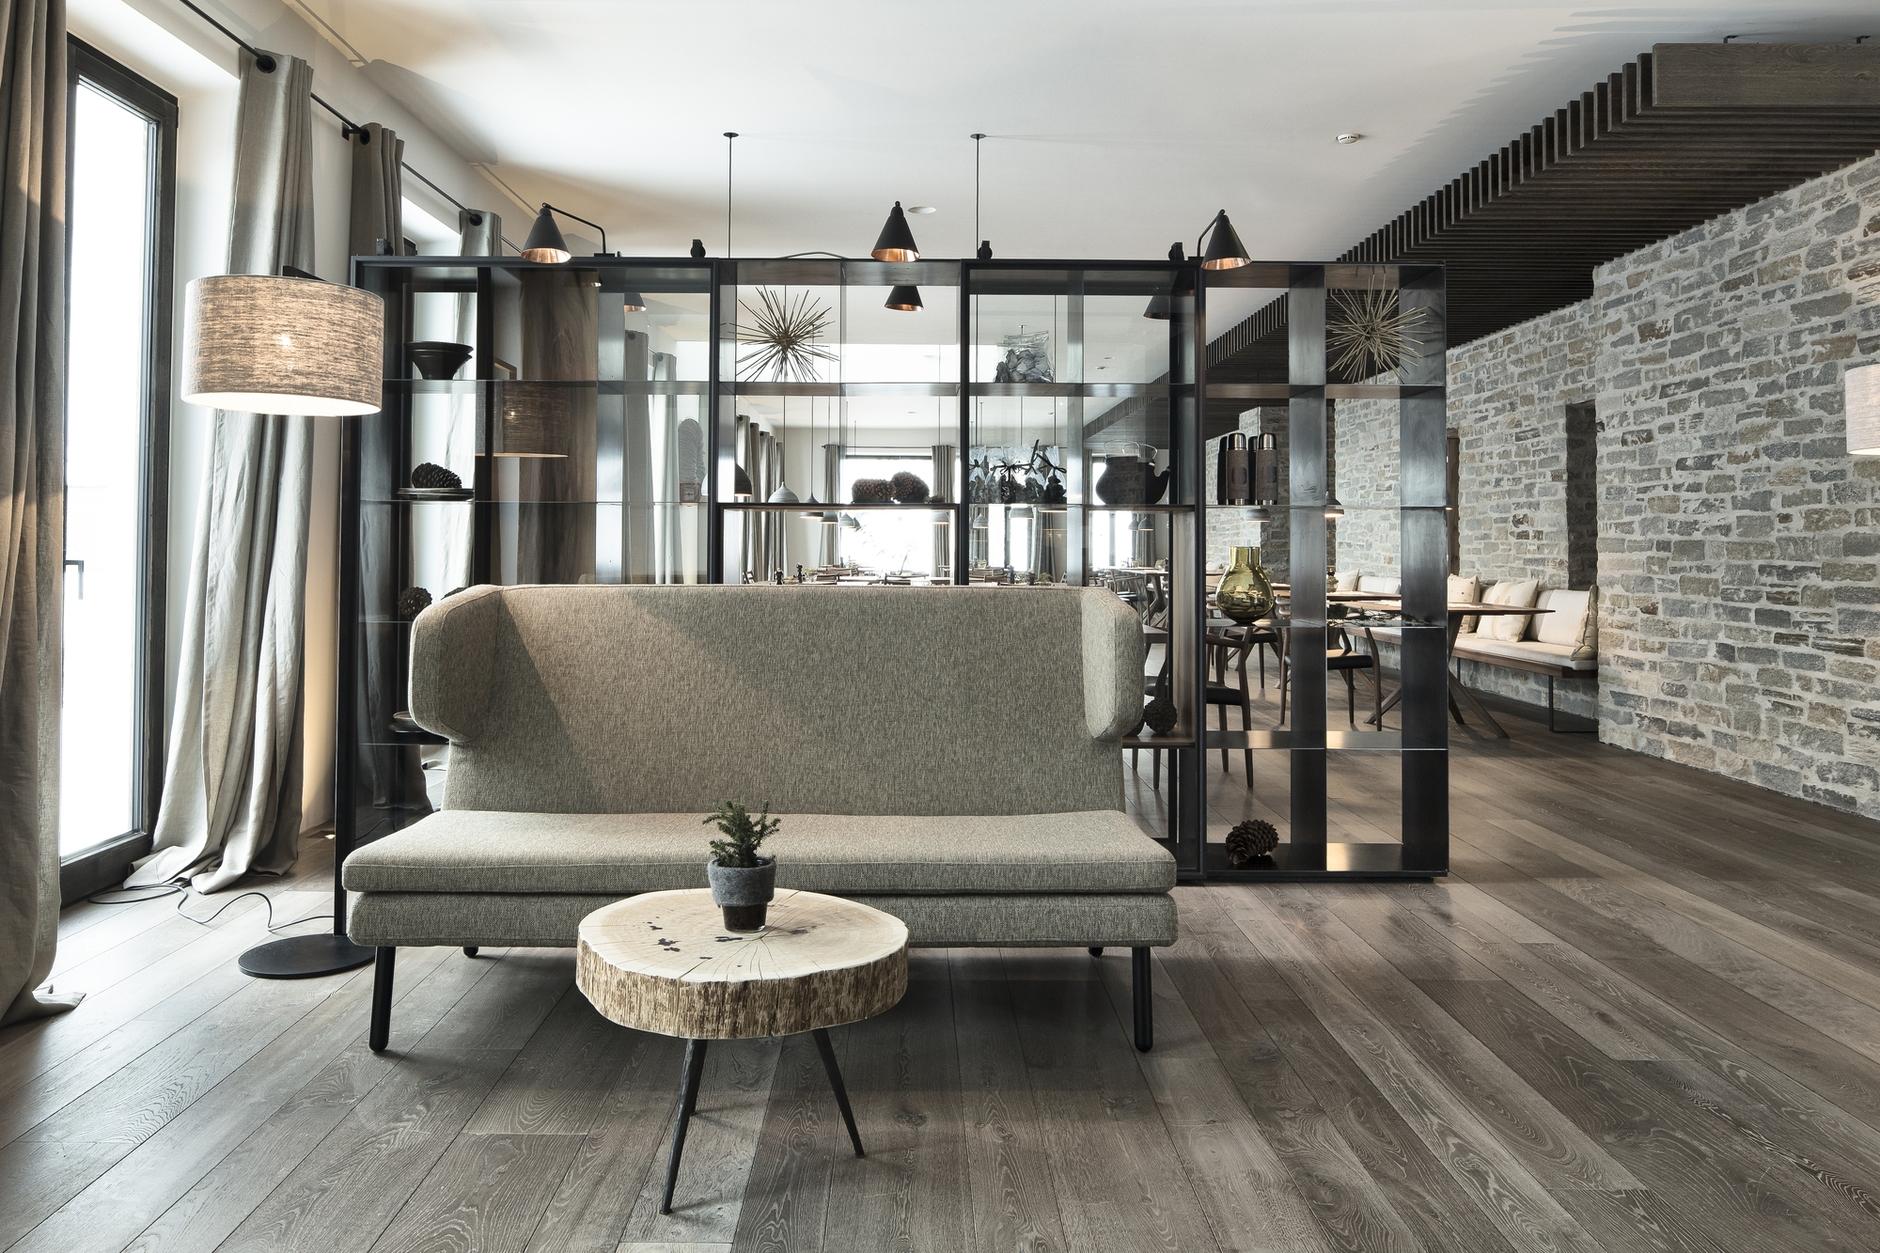 Hotel wiesergut by gogl architekten karmatrendz for Design hotel monika